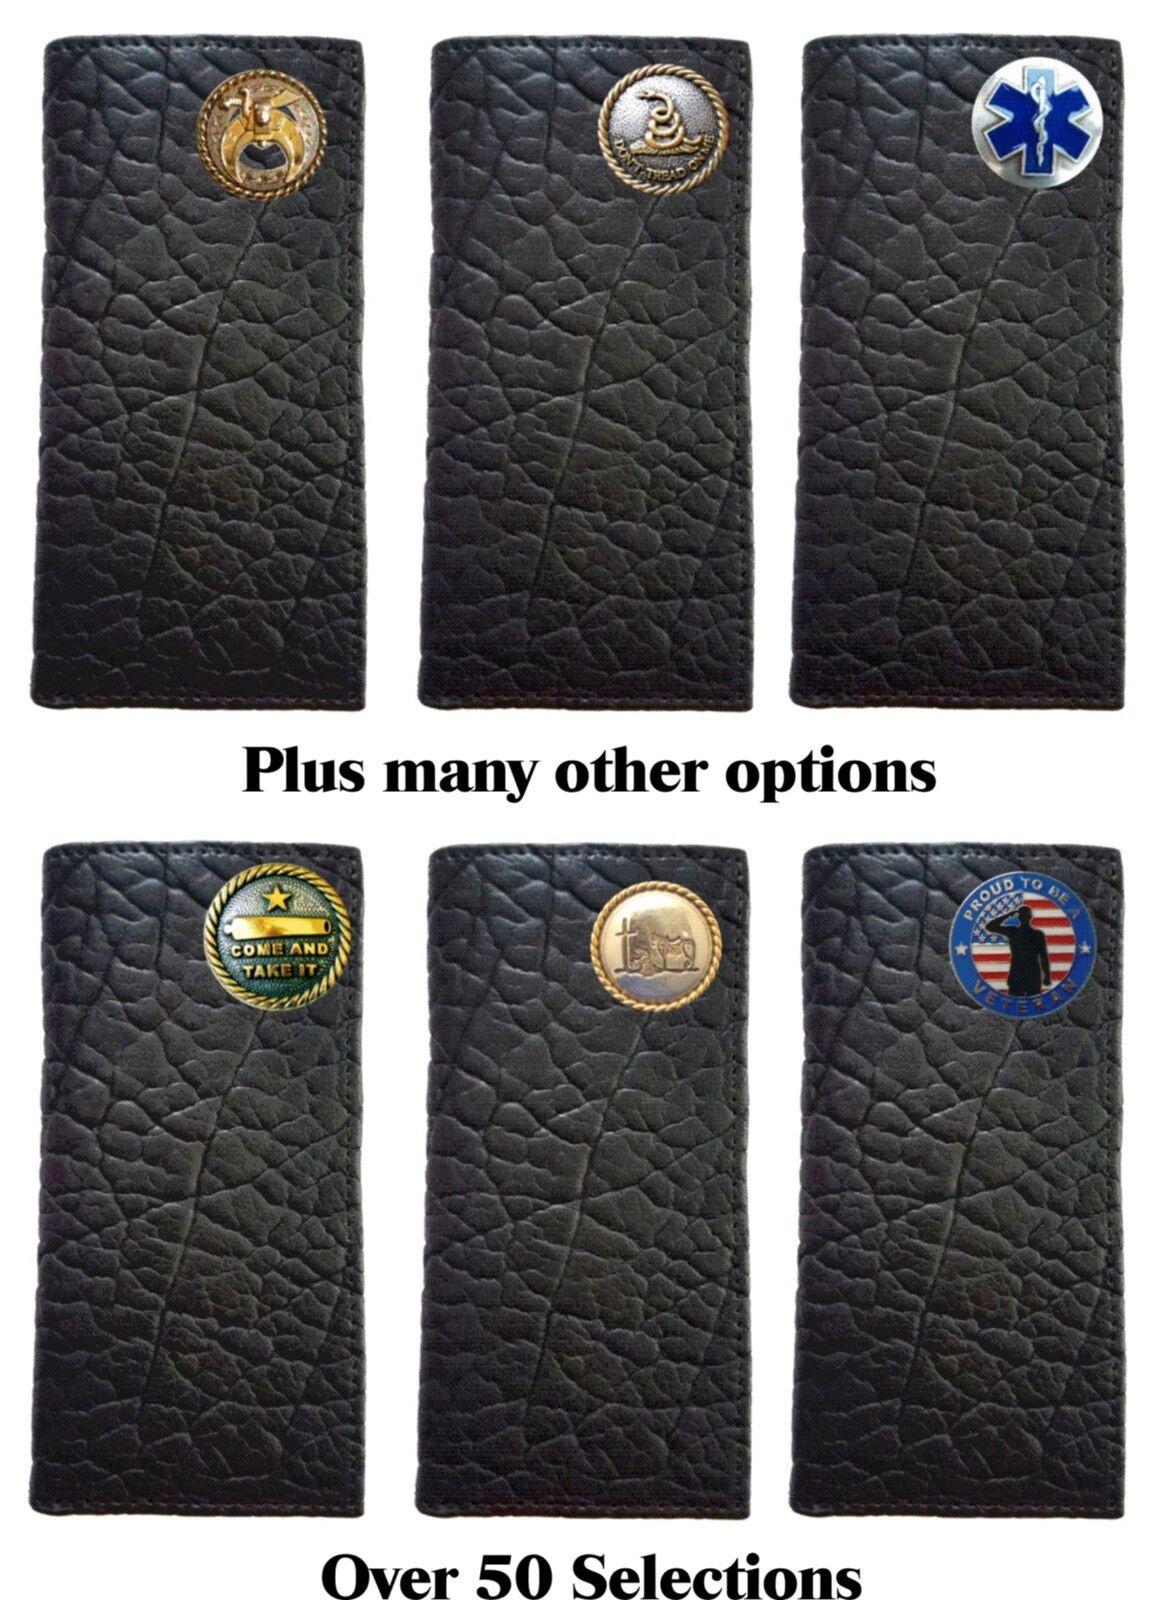 Portefeuille long à carnet de chèques en cuir noir américain robuste et personnalisé.Fabriqué aux Etats-Unis